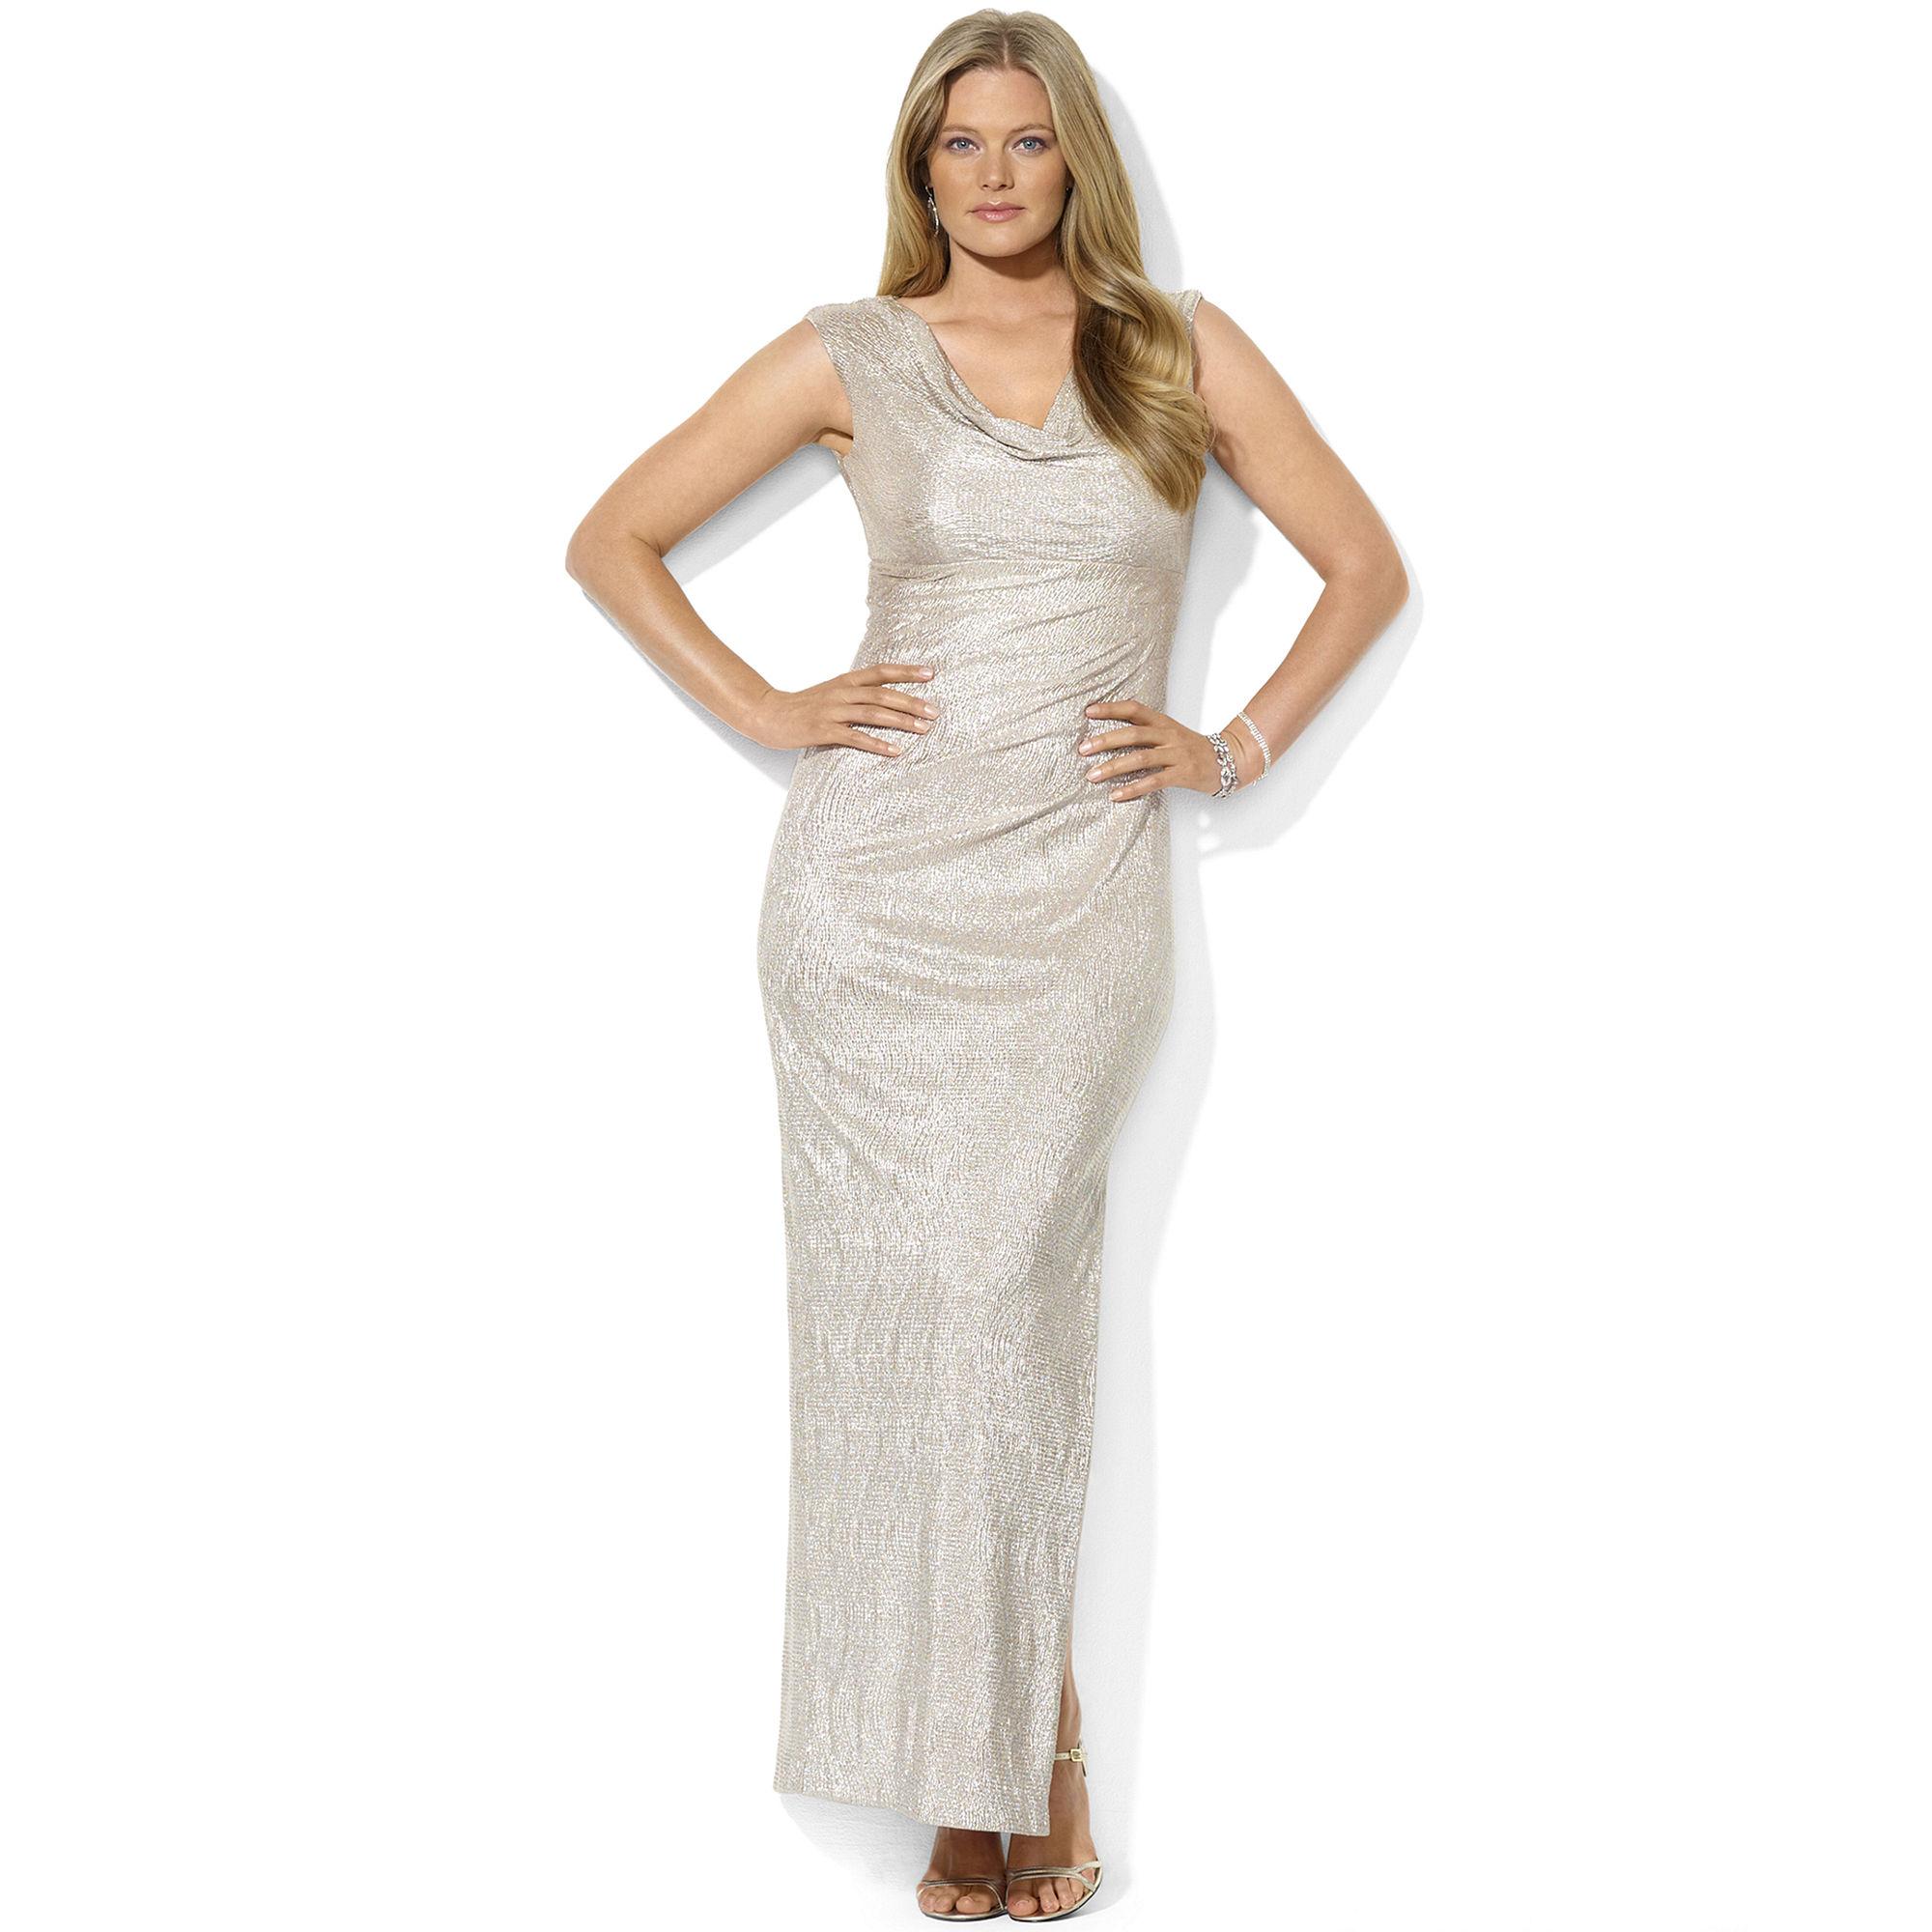 0a625d39ab0 Lauren by Ralph Lauren Capsleeve Metallic Cowlneck Gown in Metallic ...